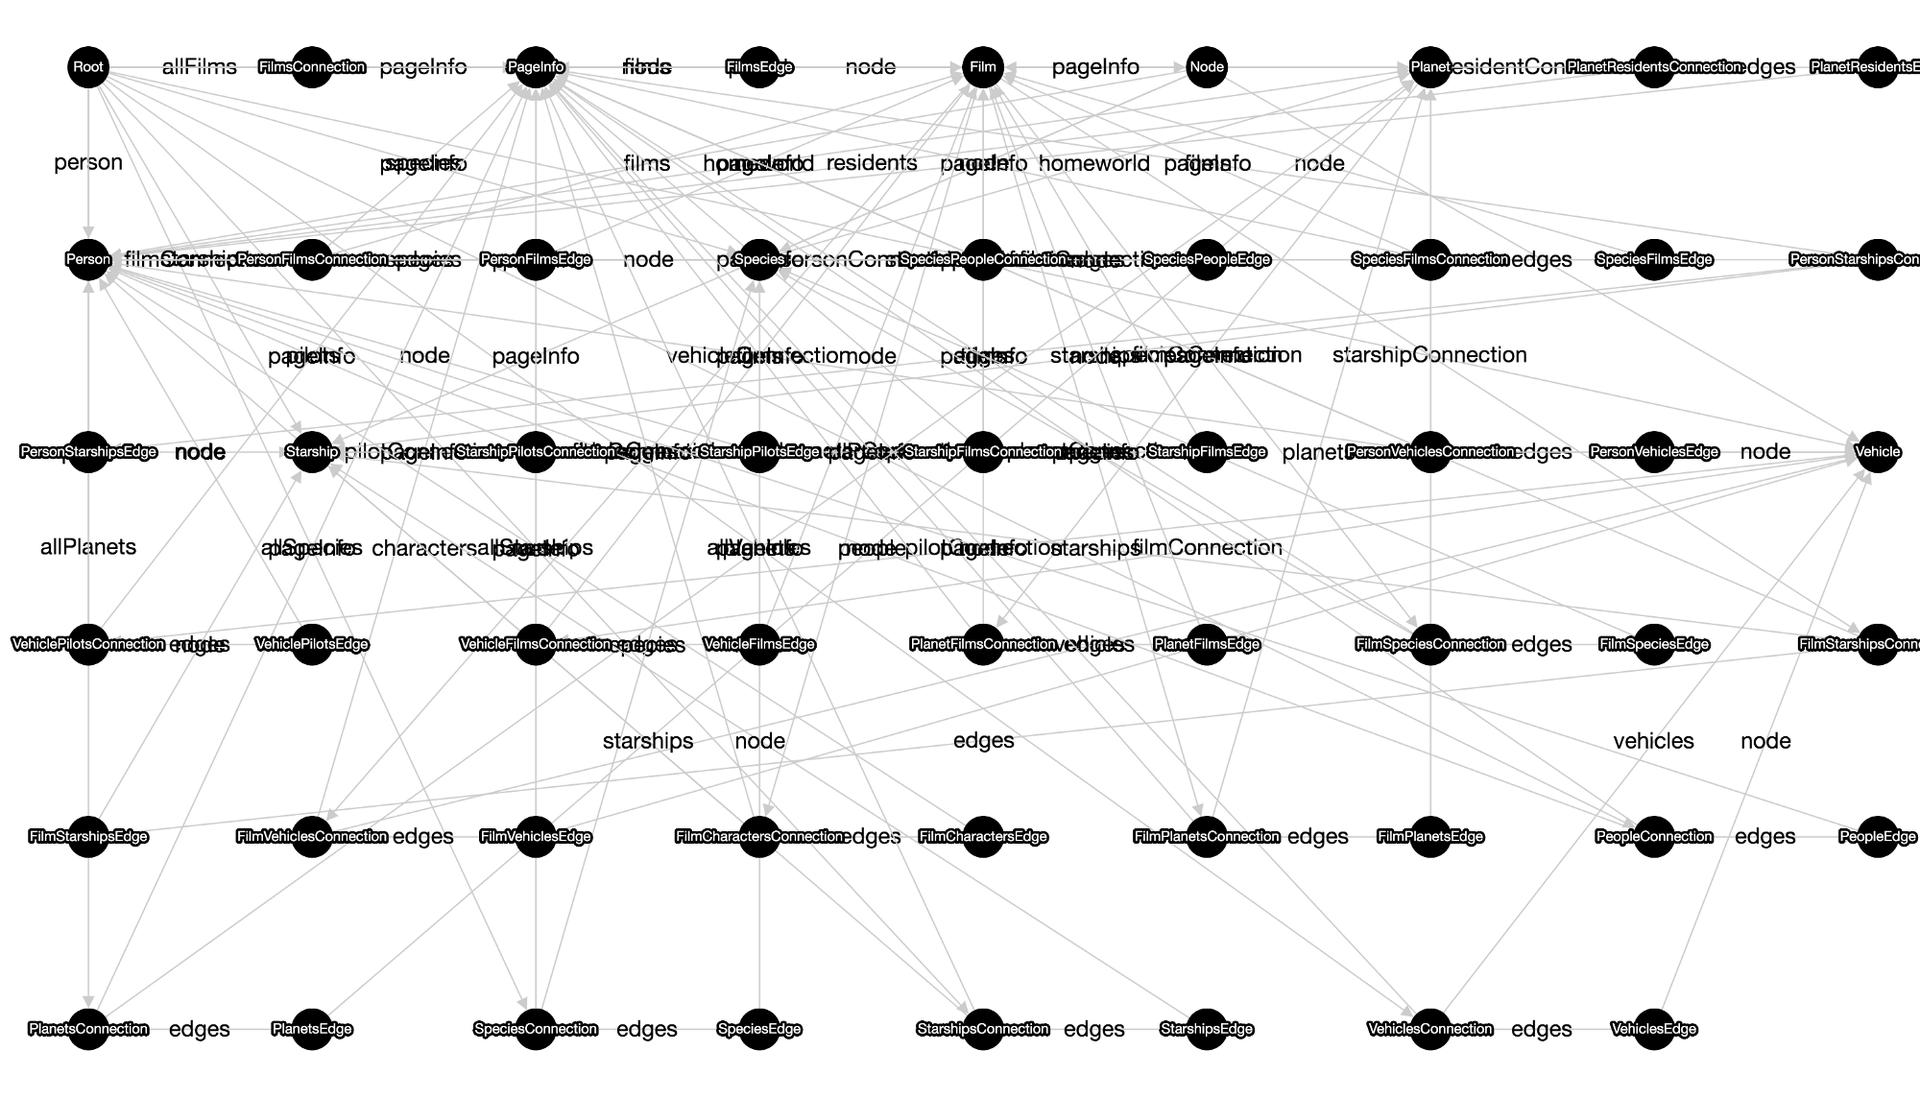 Как мы собрали 1500 звезд на Гитхабе, соединив проверенную временем технологию и новый интерфейс - 5